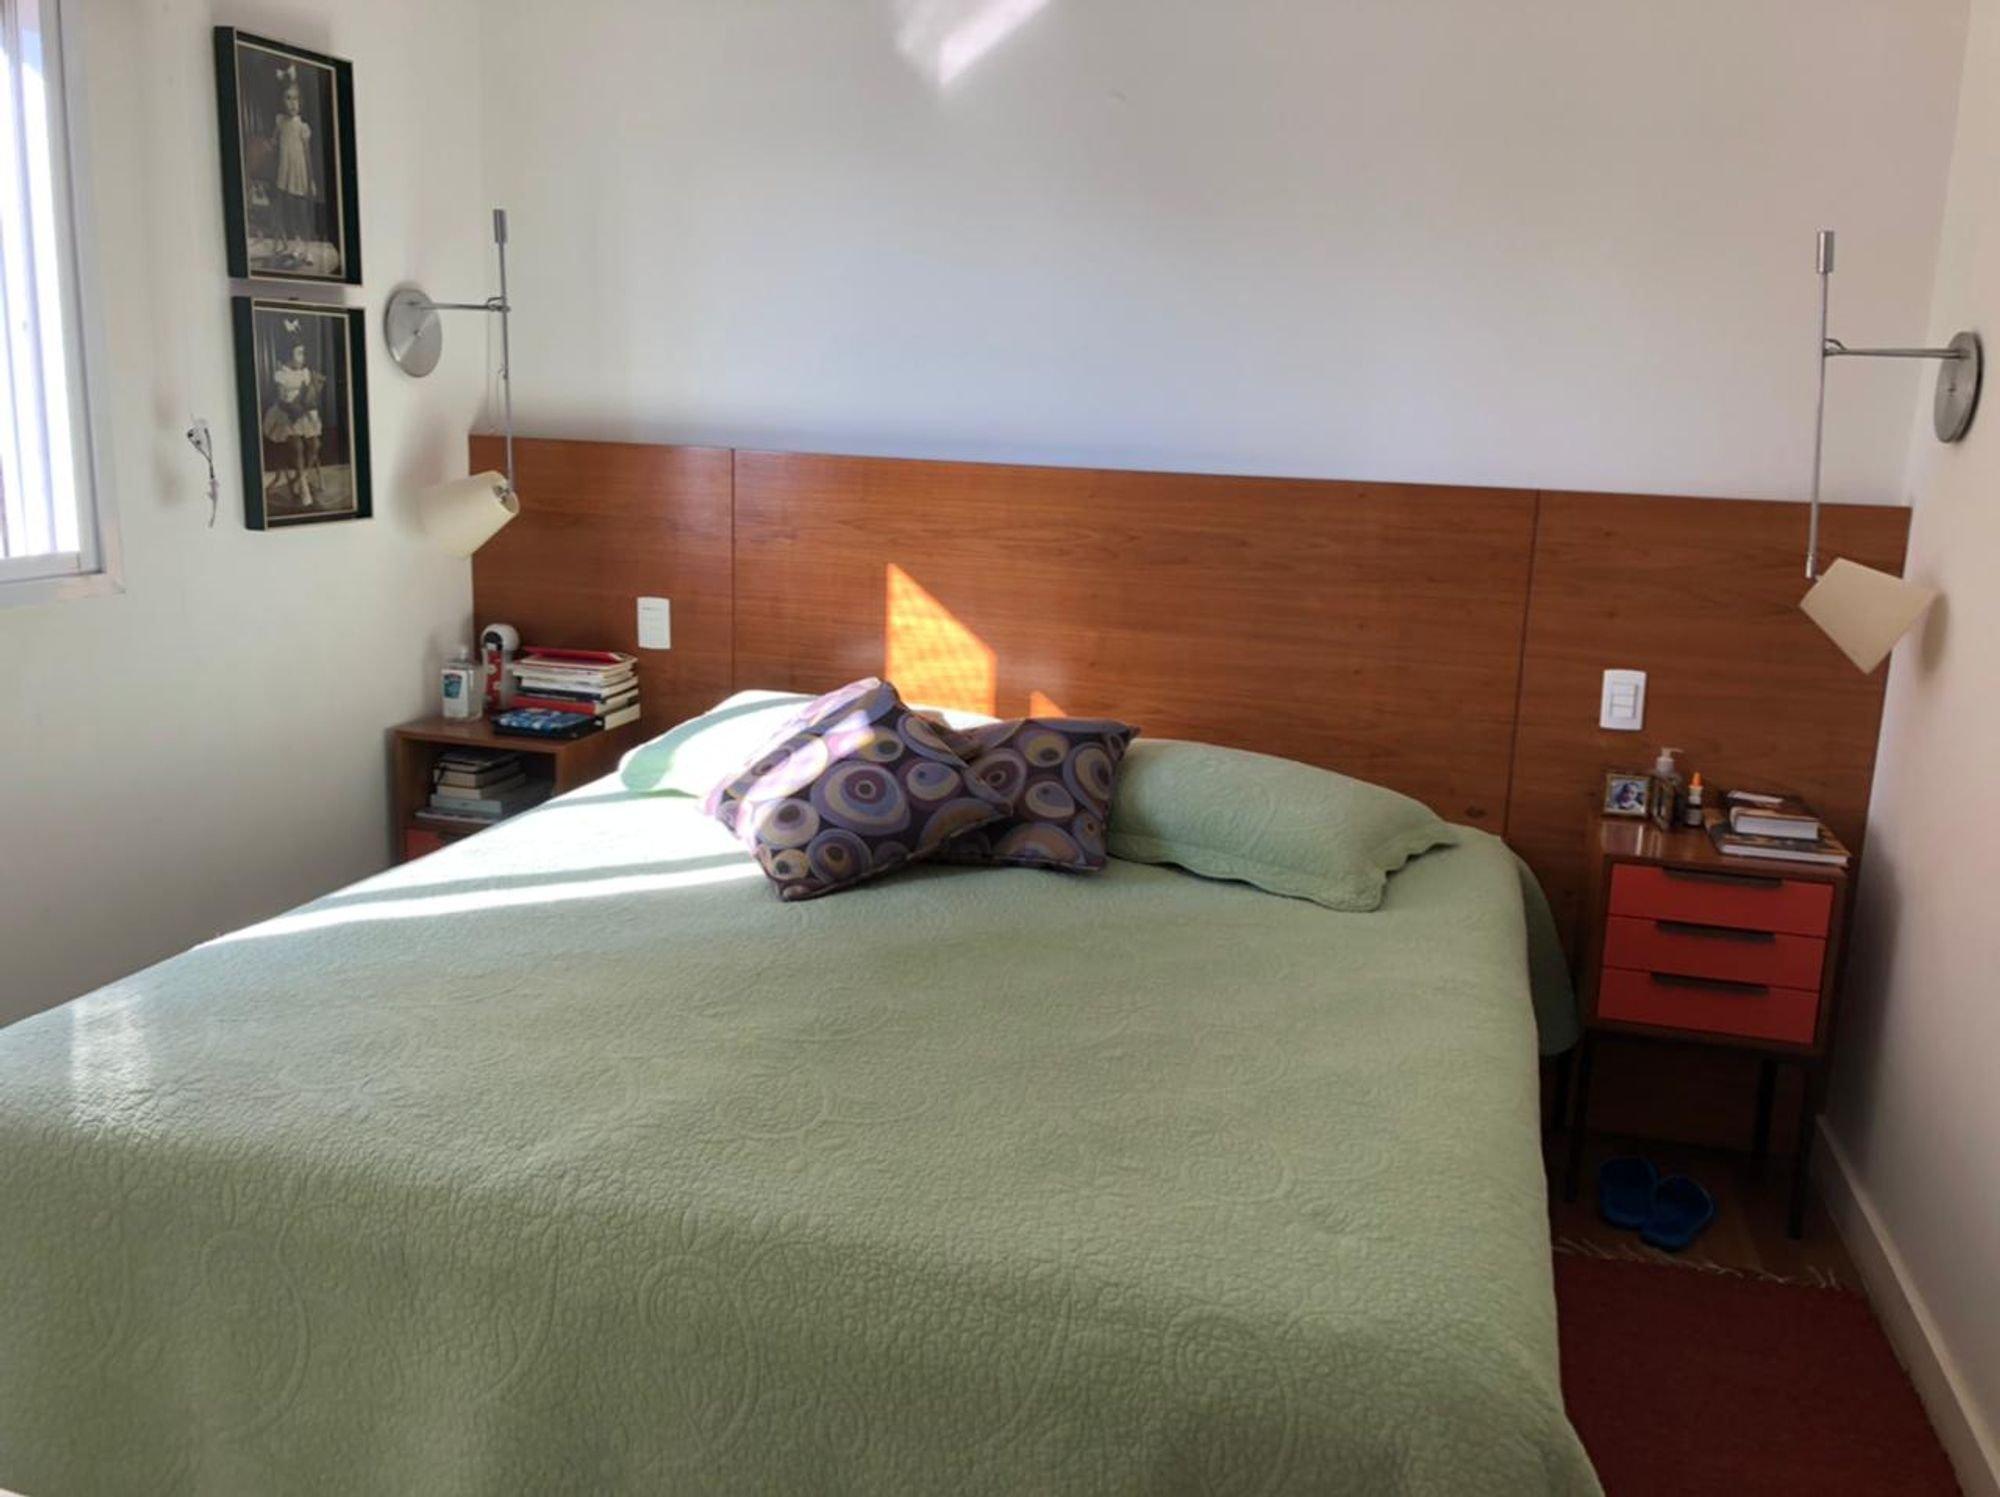 Foto de Quarto com cama, garrafa